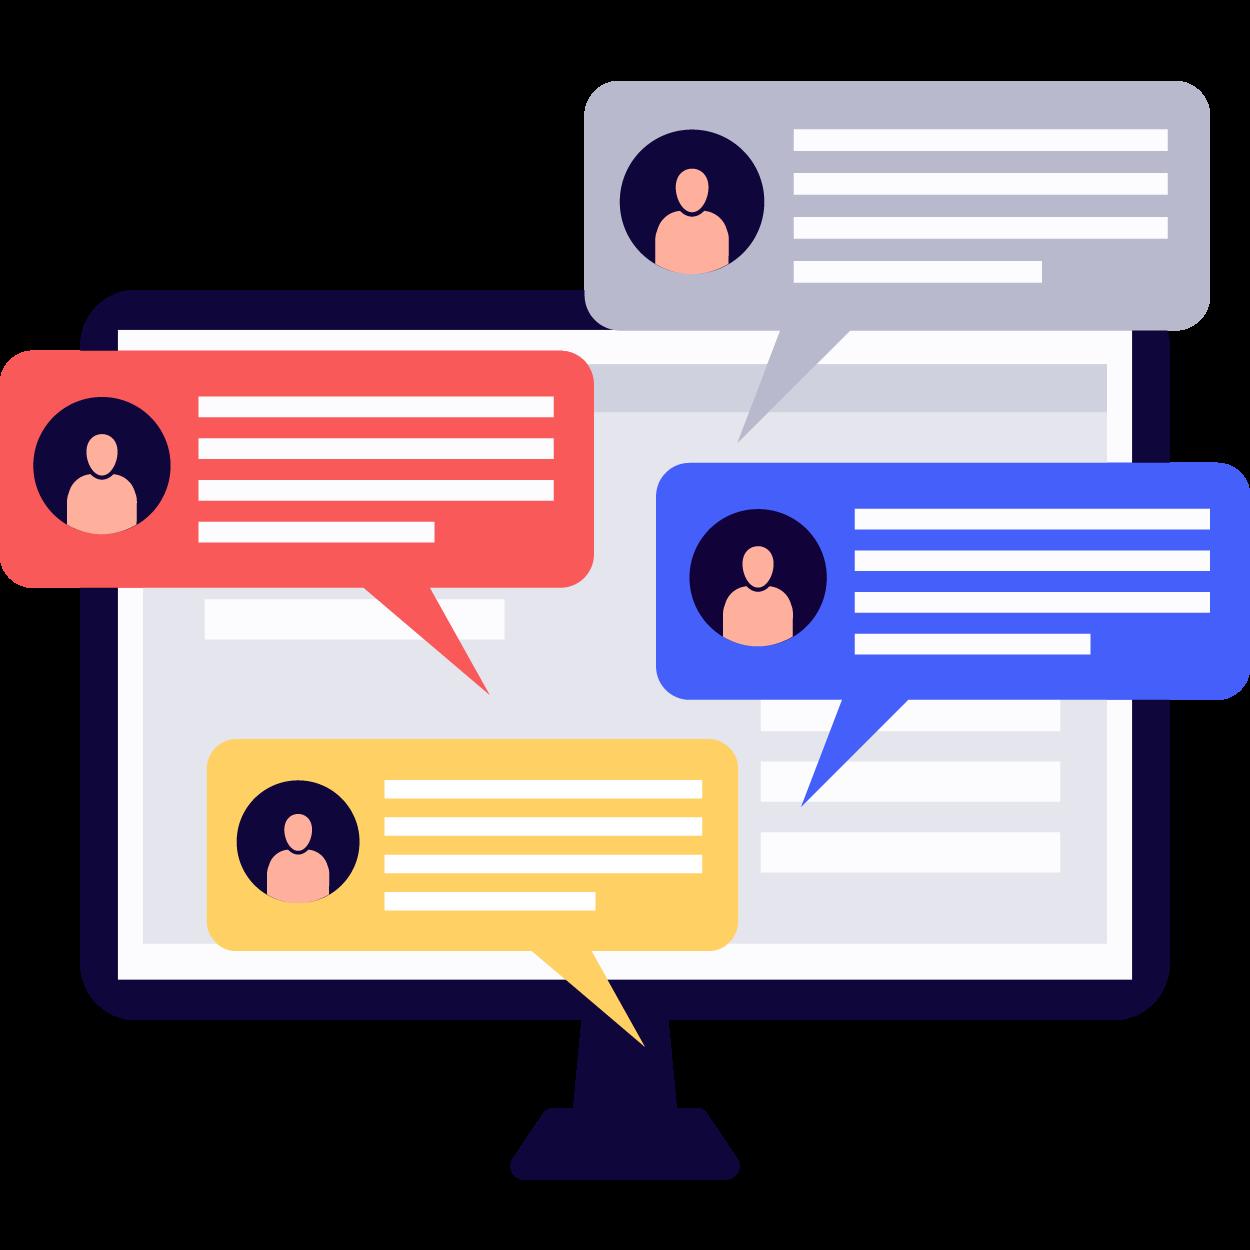 Outil civic tech de consultation numérique